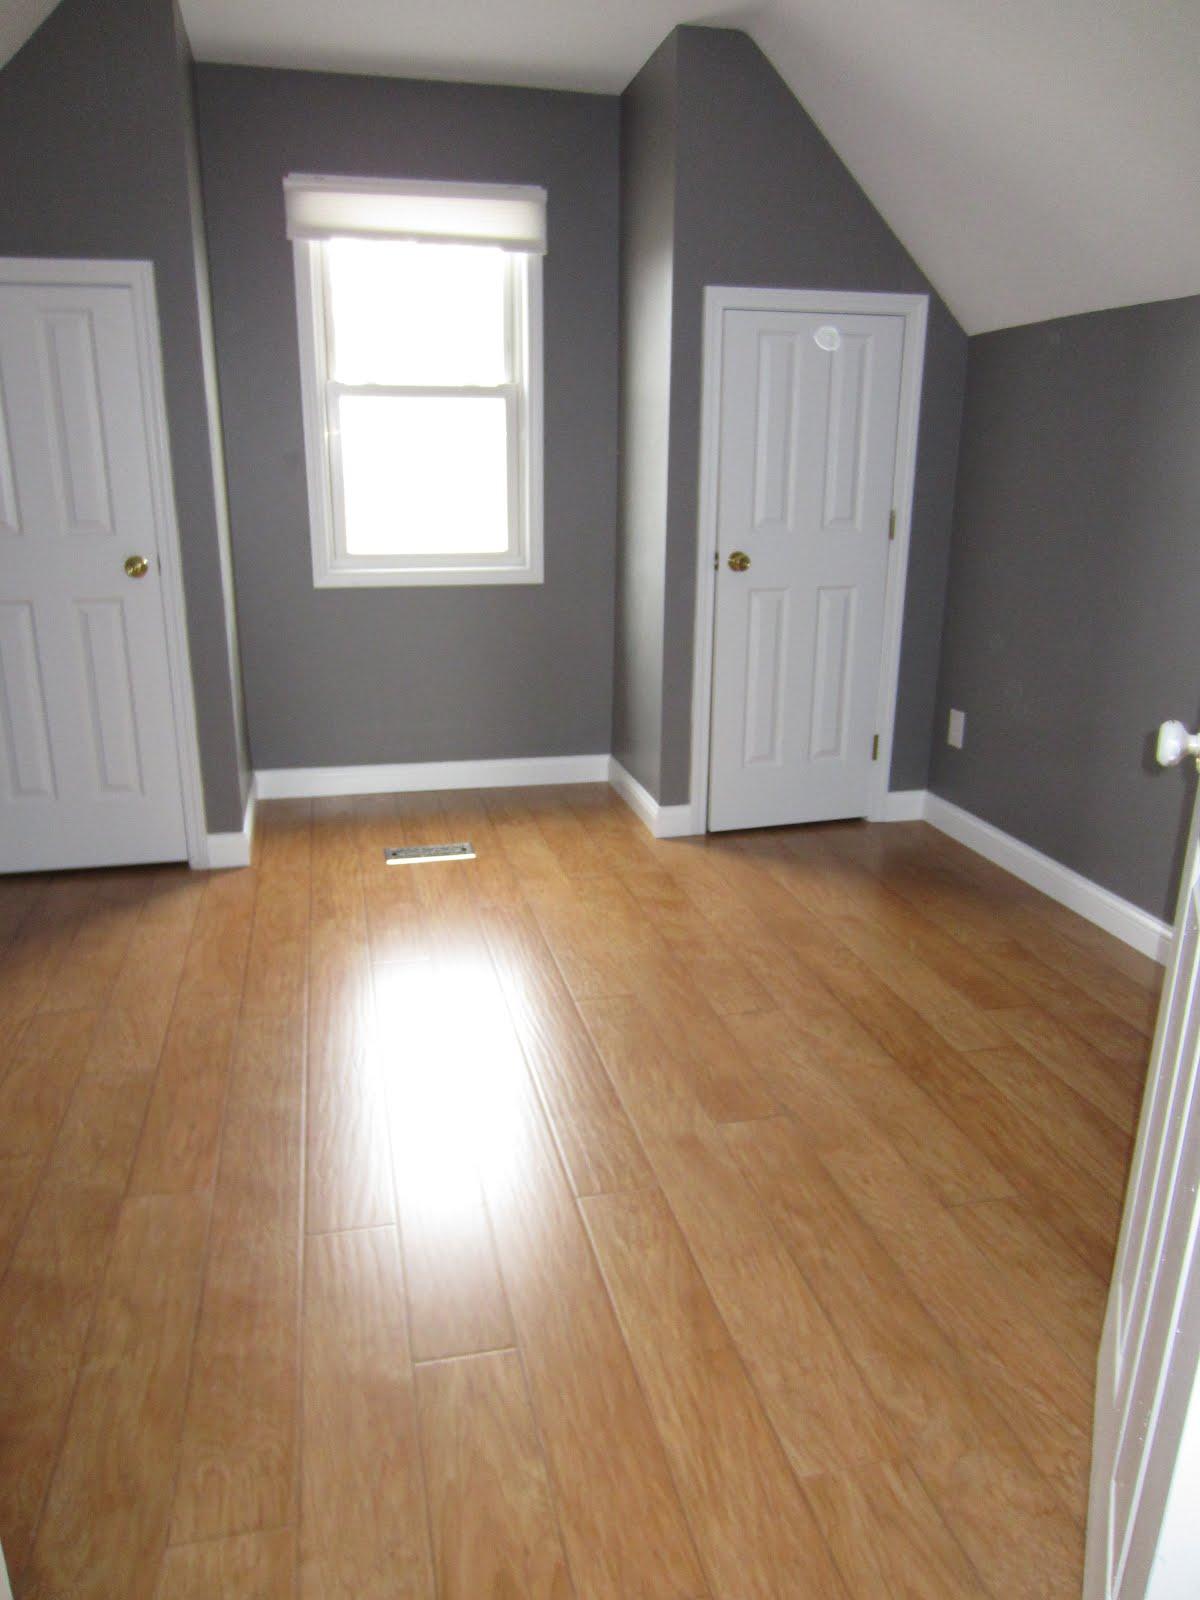 Laminate flooring how to trim laminate flooring for Laminate floor panels